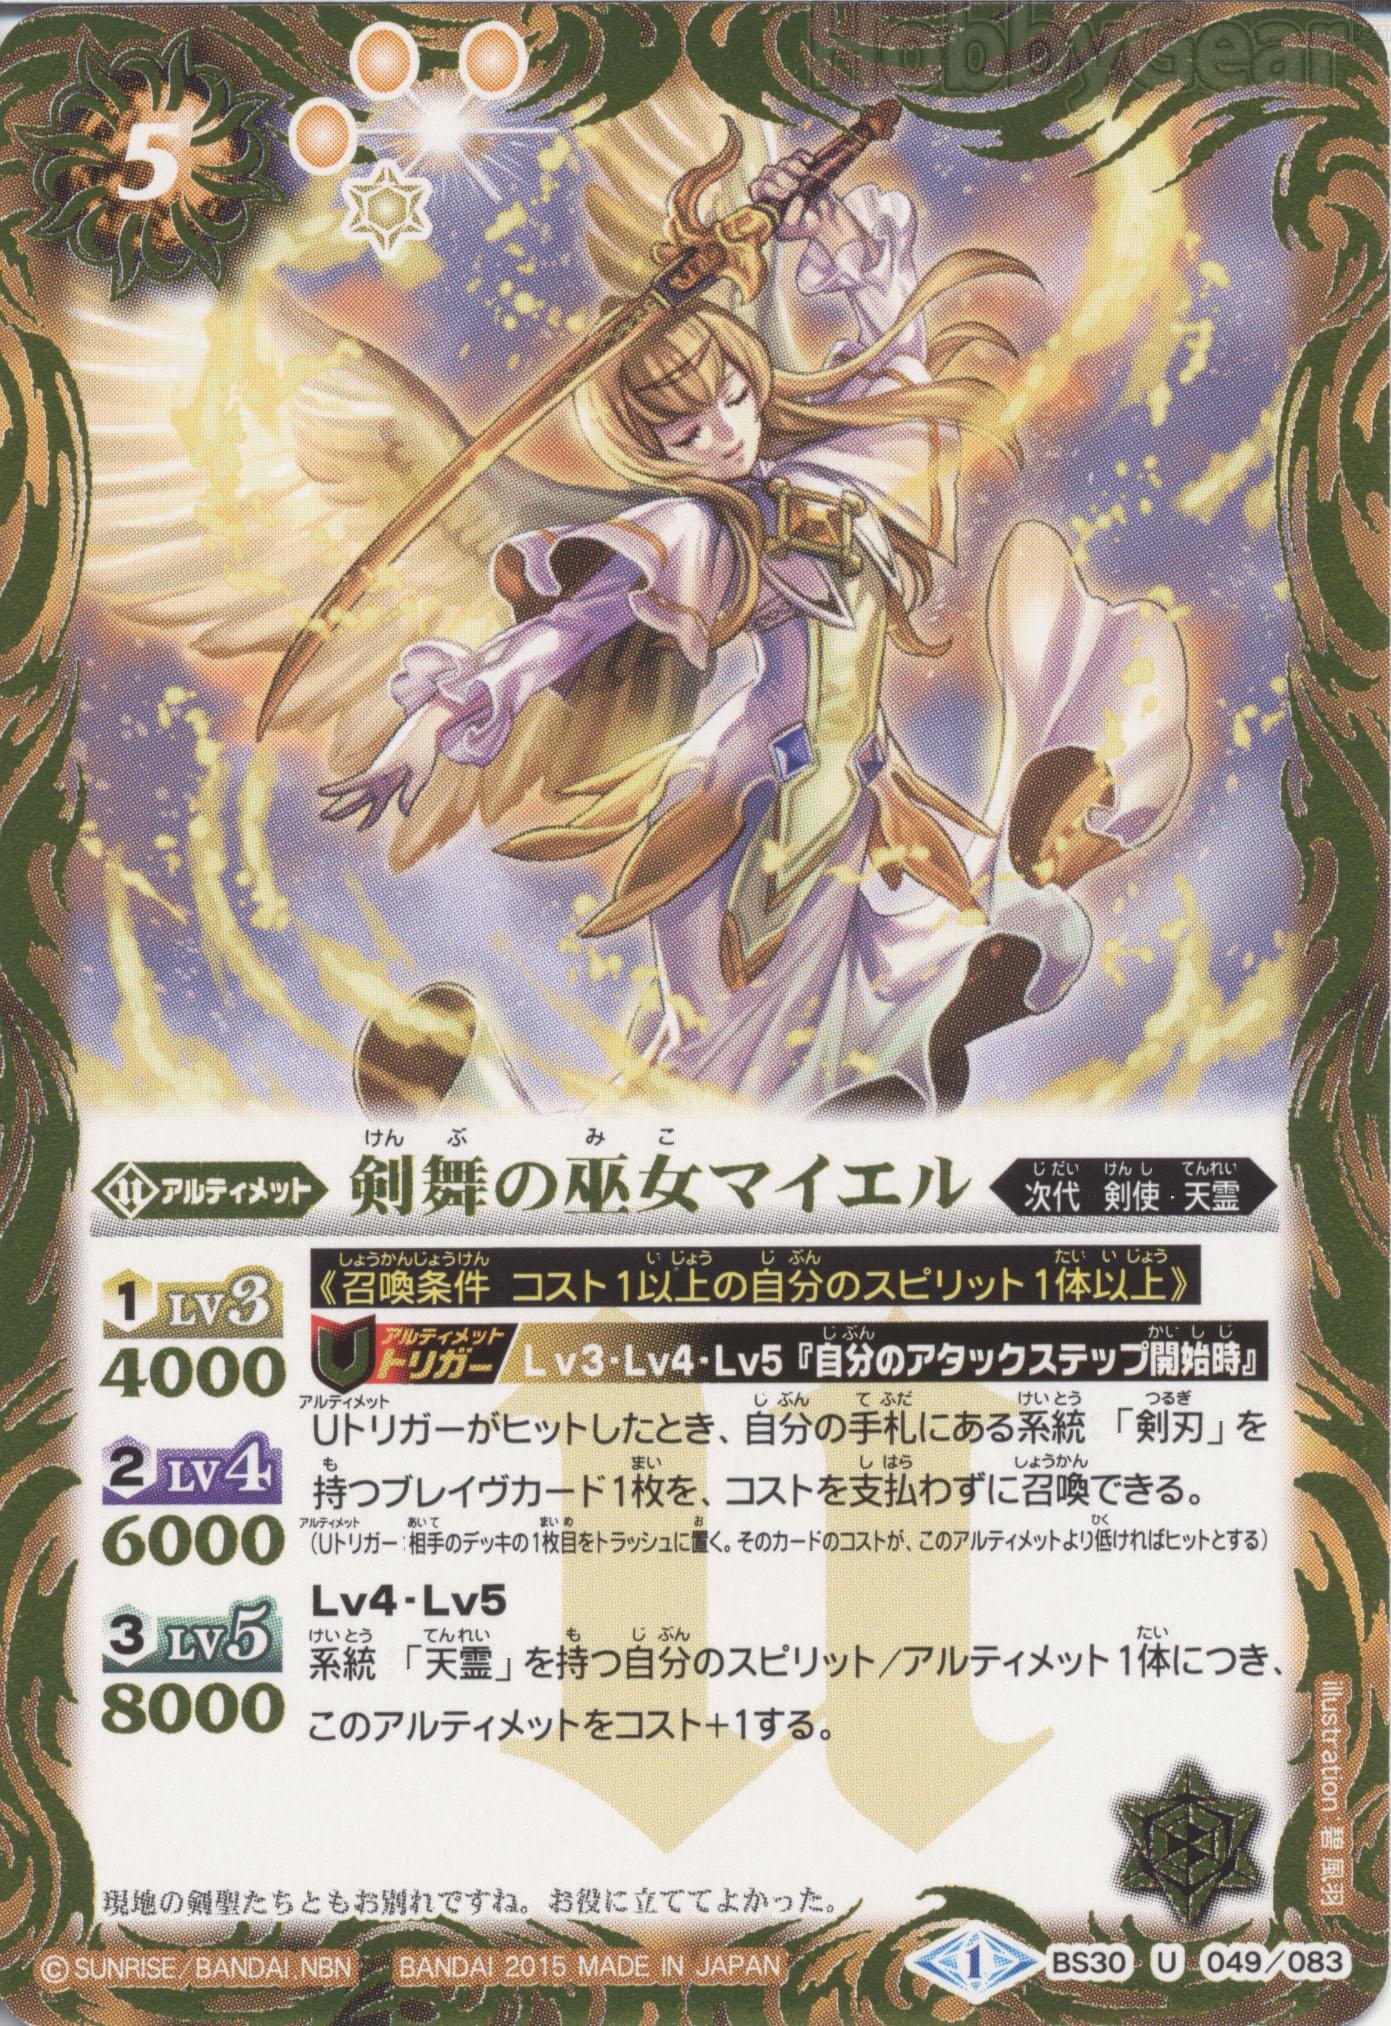 The SwordDancePriestess Maiel